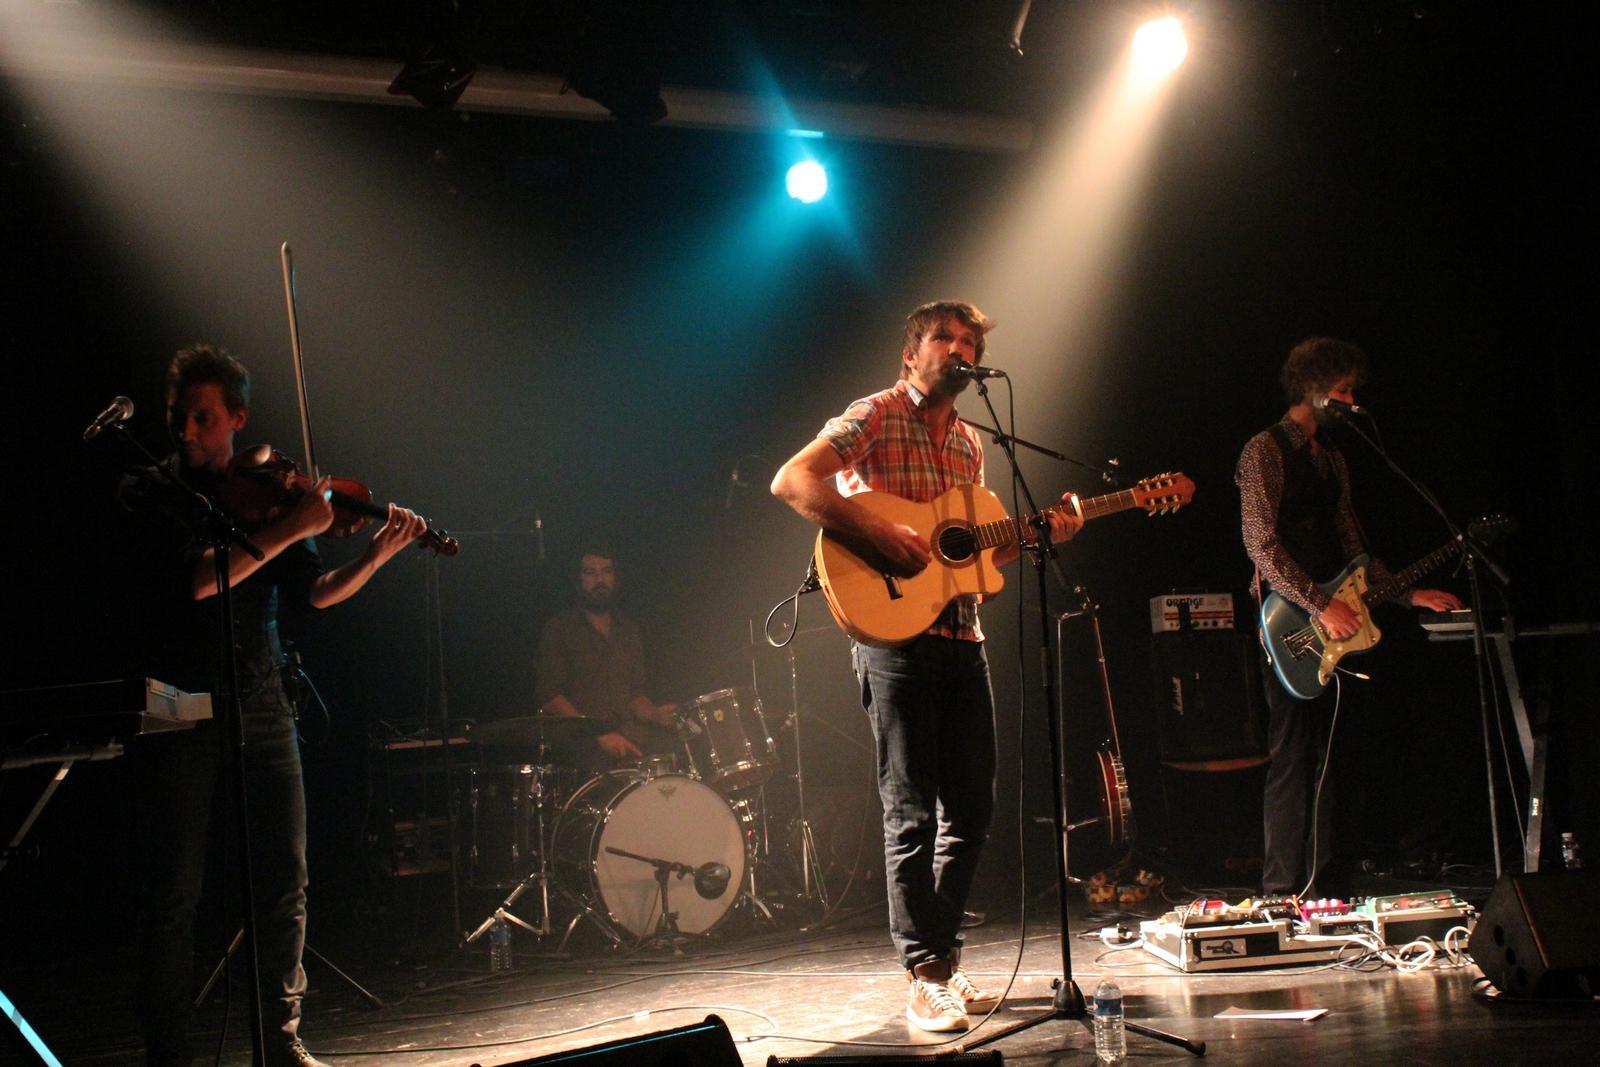 Monsieur Lune en compagnie de ses musiciens : Monsieur Cheveu (guitare, basse, banjo, ukele), Gael Derdeyen (violon, mandoline, melodica) et Frédéric Monaco (batterie). ©AL